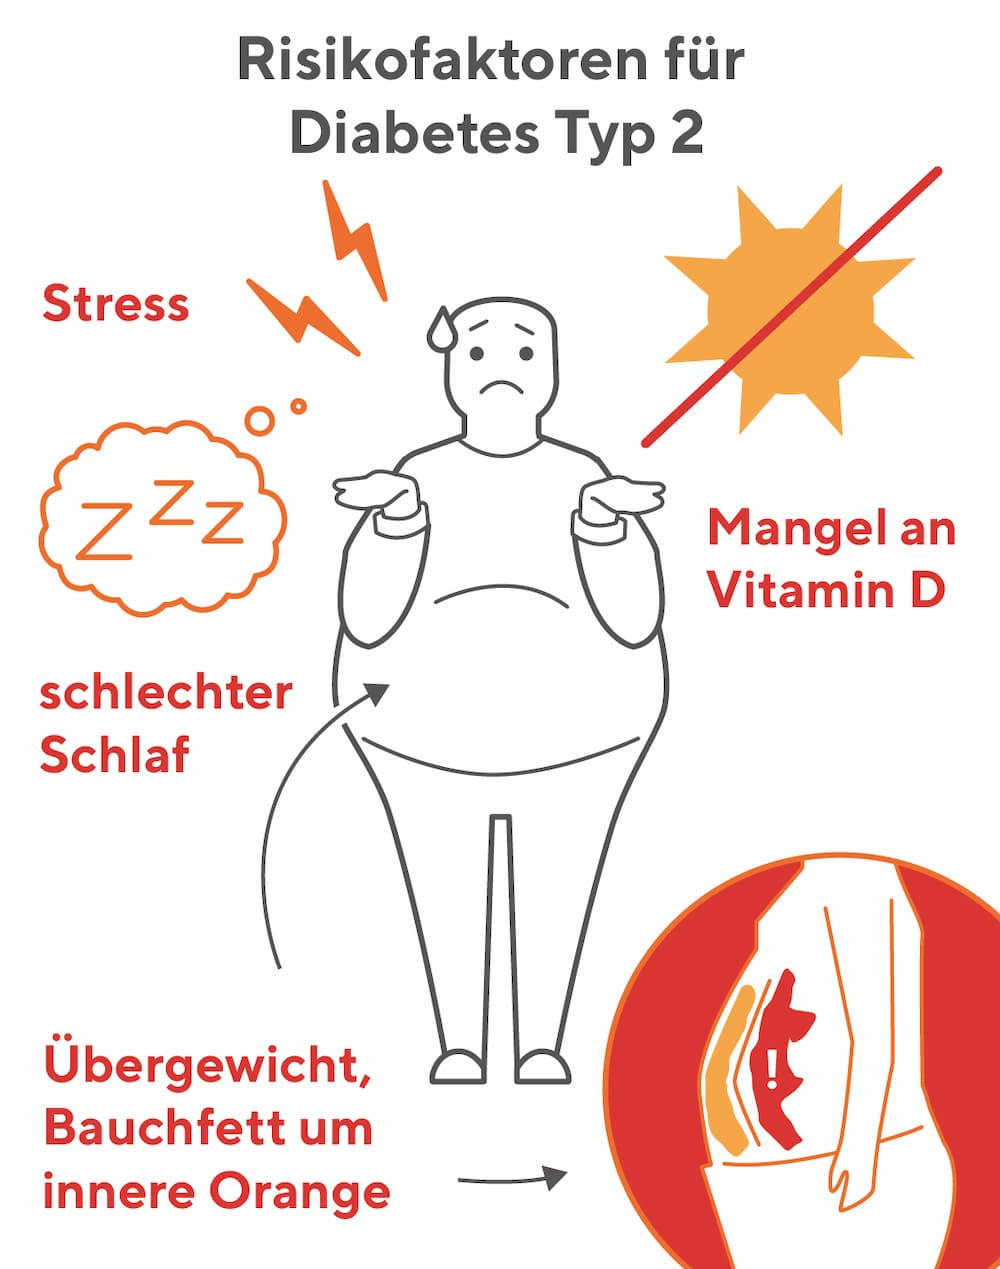 Risikofaktoren für Diabetes Typ 2